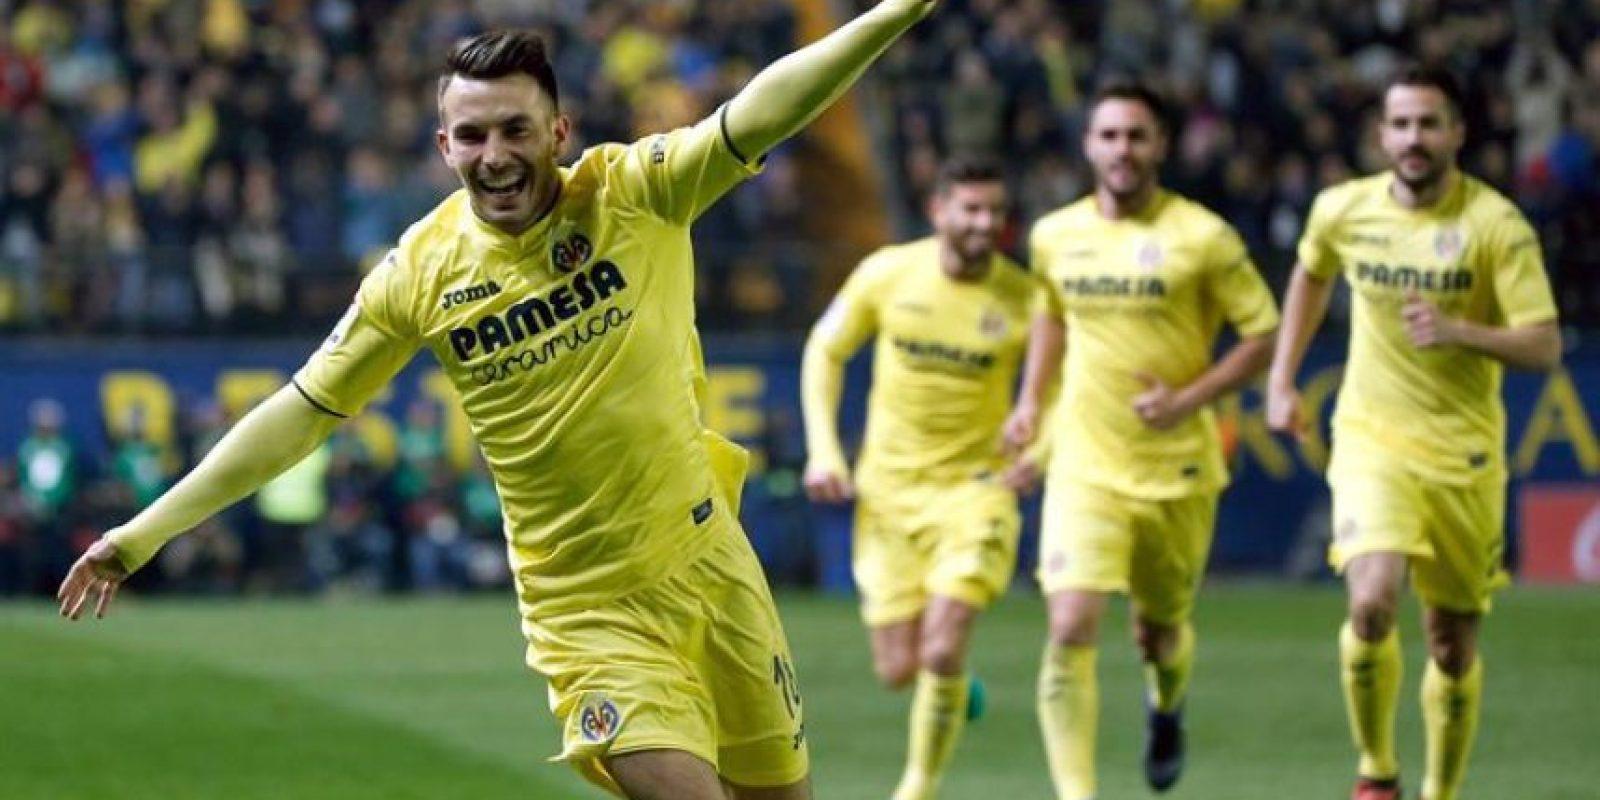 El cuadro azulgrana no ha encontrado su mejor forma y este domingo empató contra el Villarreal en su reaparición en la Liga. Foto:EFE